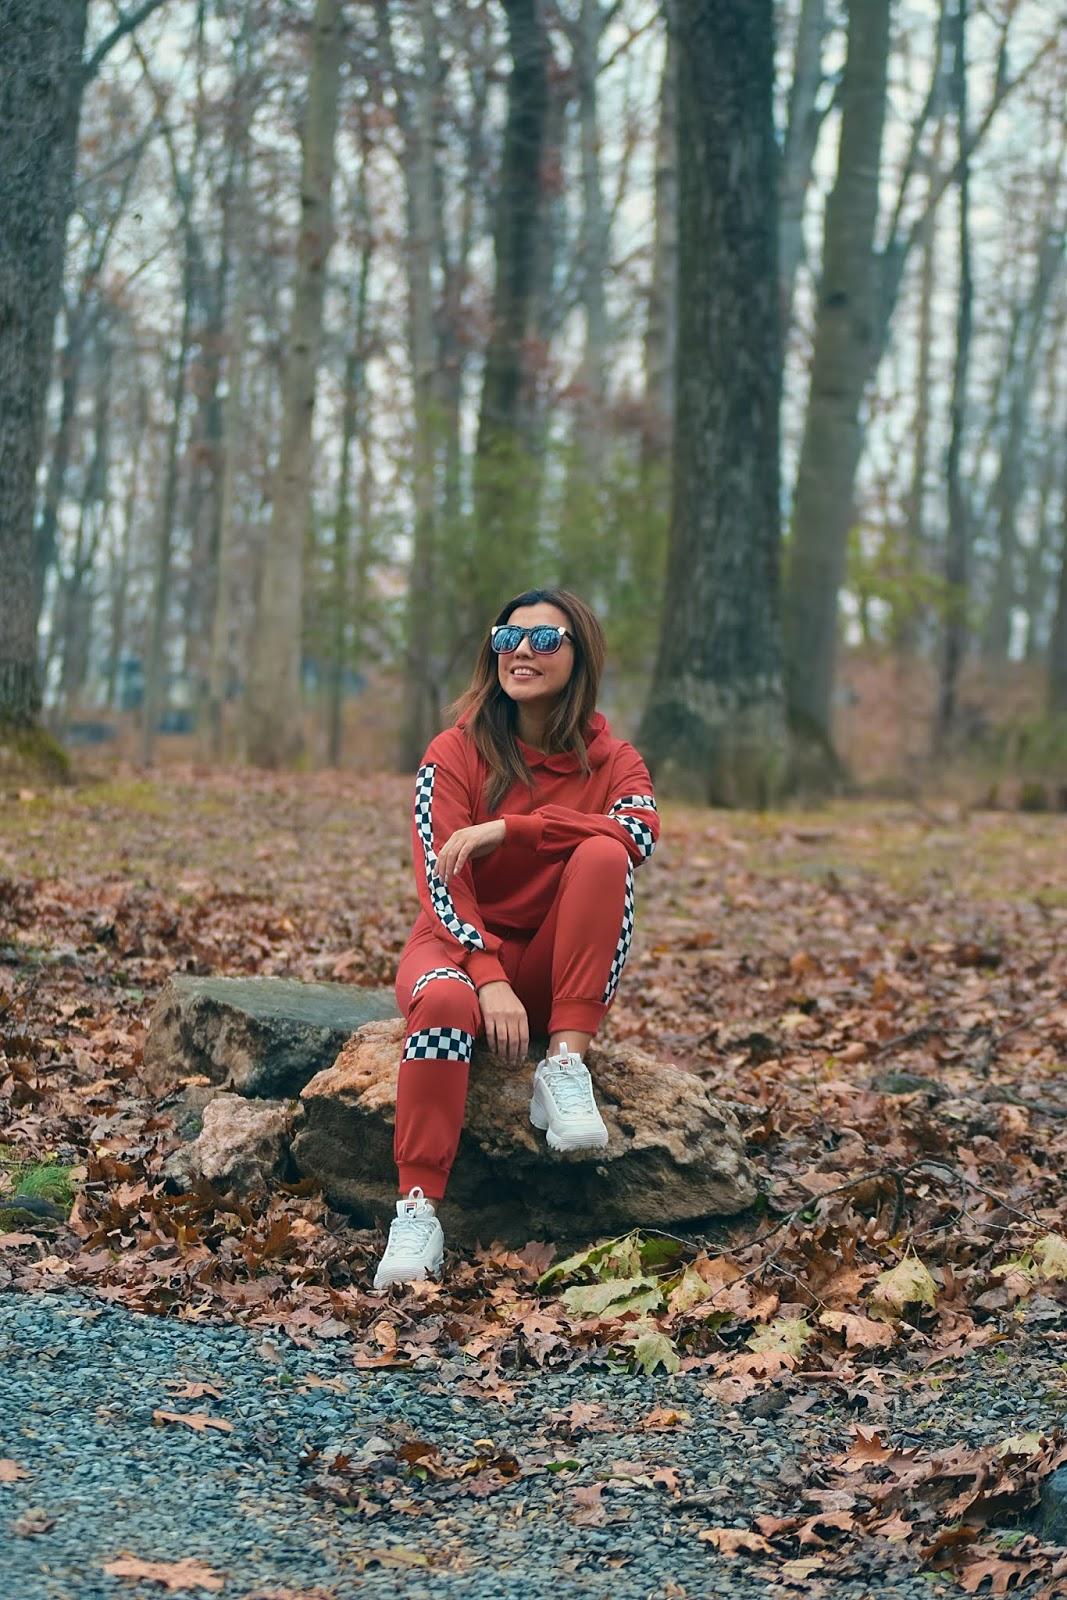 MariEstilo-SheIn-Welcome December-Travel Blogger-Viajando por el mundo-traveller-instagrammer-moda el salvador-dcblogger-armandhugon-marisolflamenco-